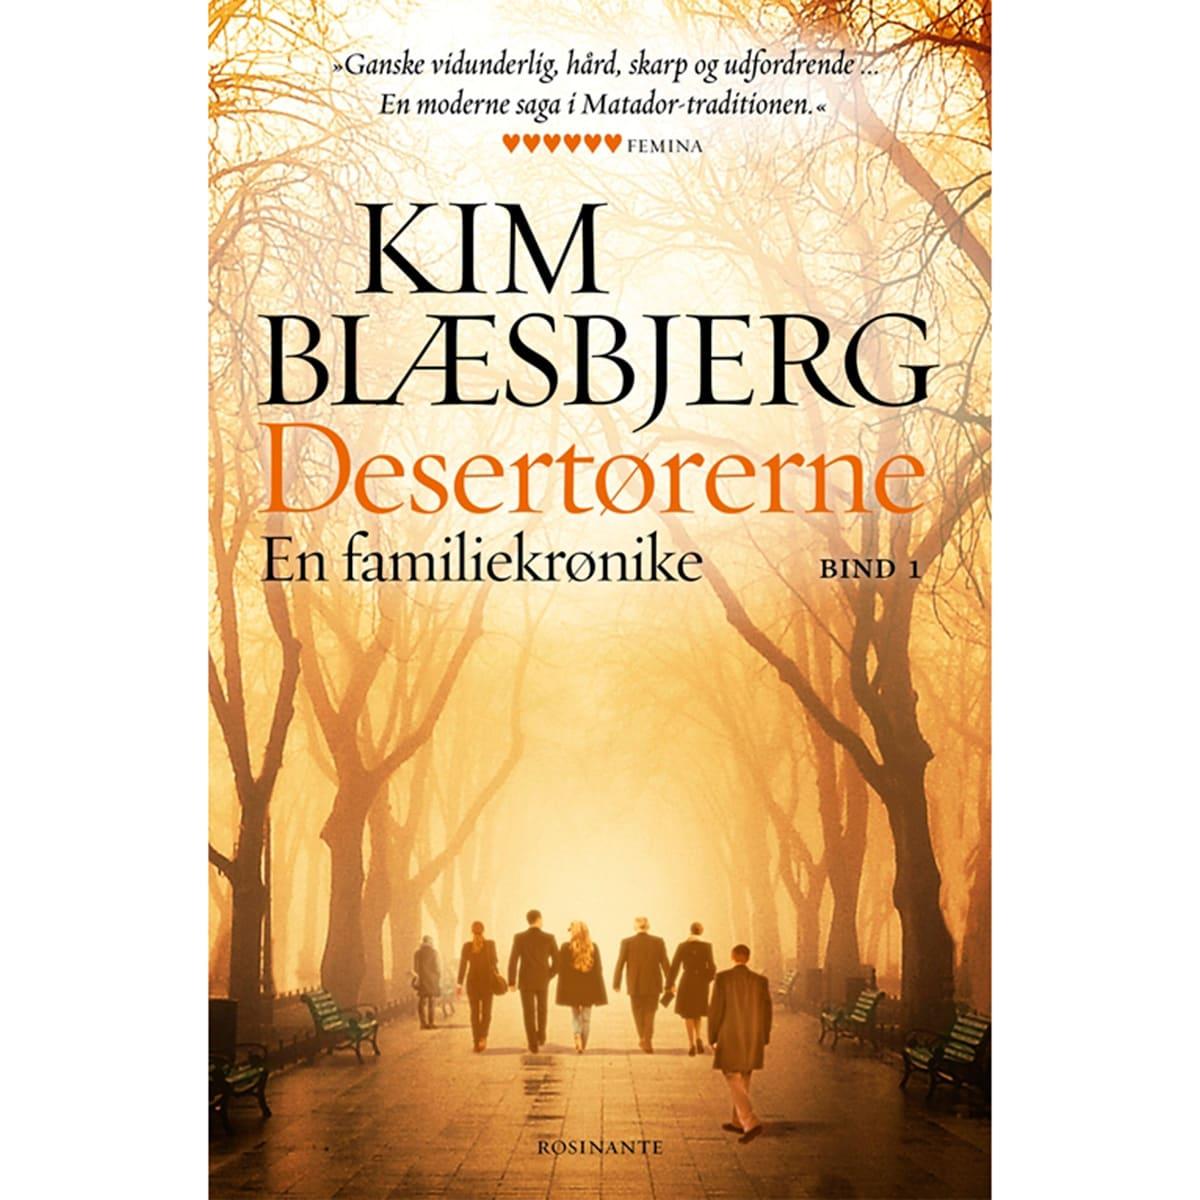 Af Kim Blæsbjerg